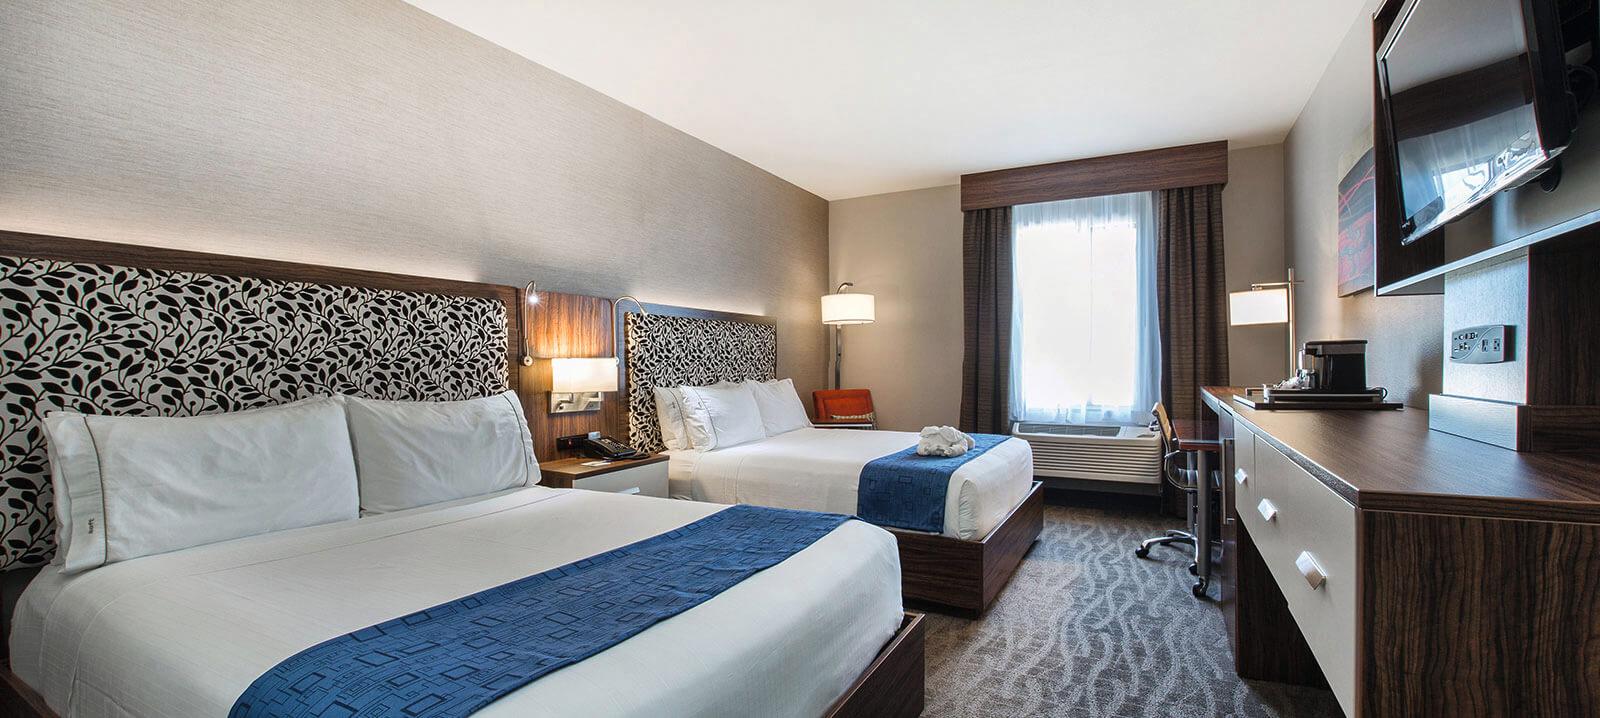 https://www.plassmeier-bau.de/wp-content/uploads/2020/12/Hotelzimmer-HIEX.jpg